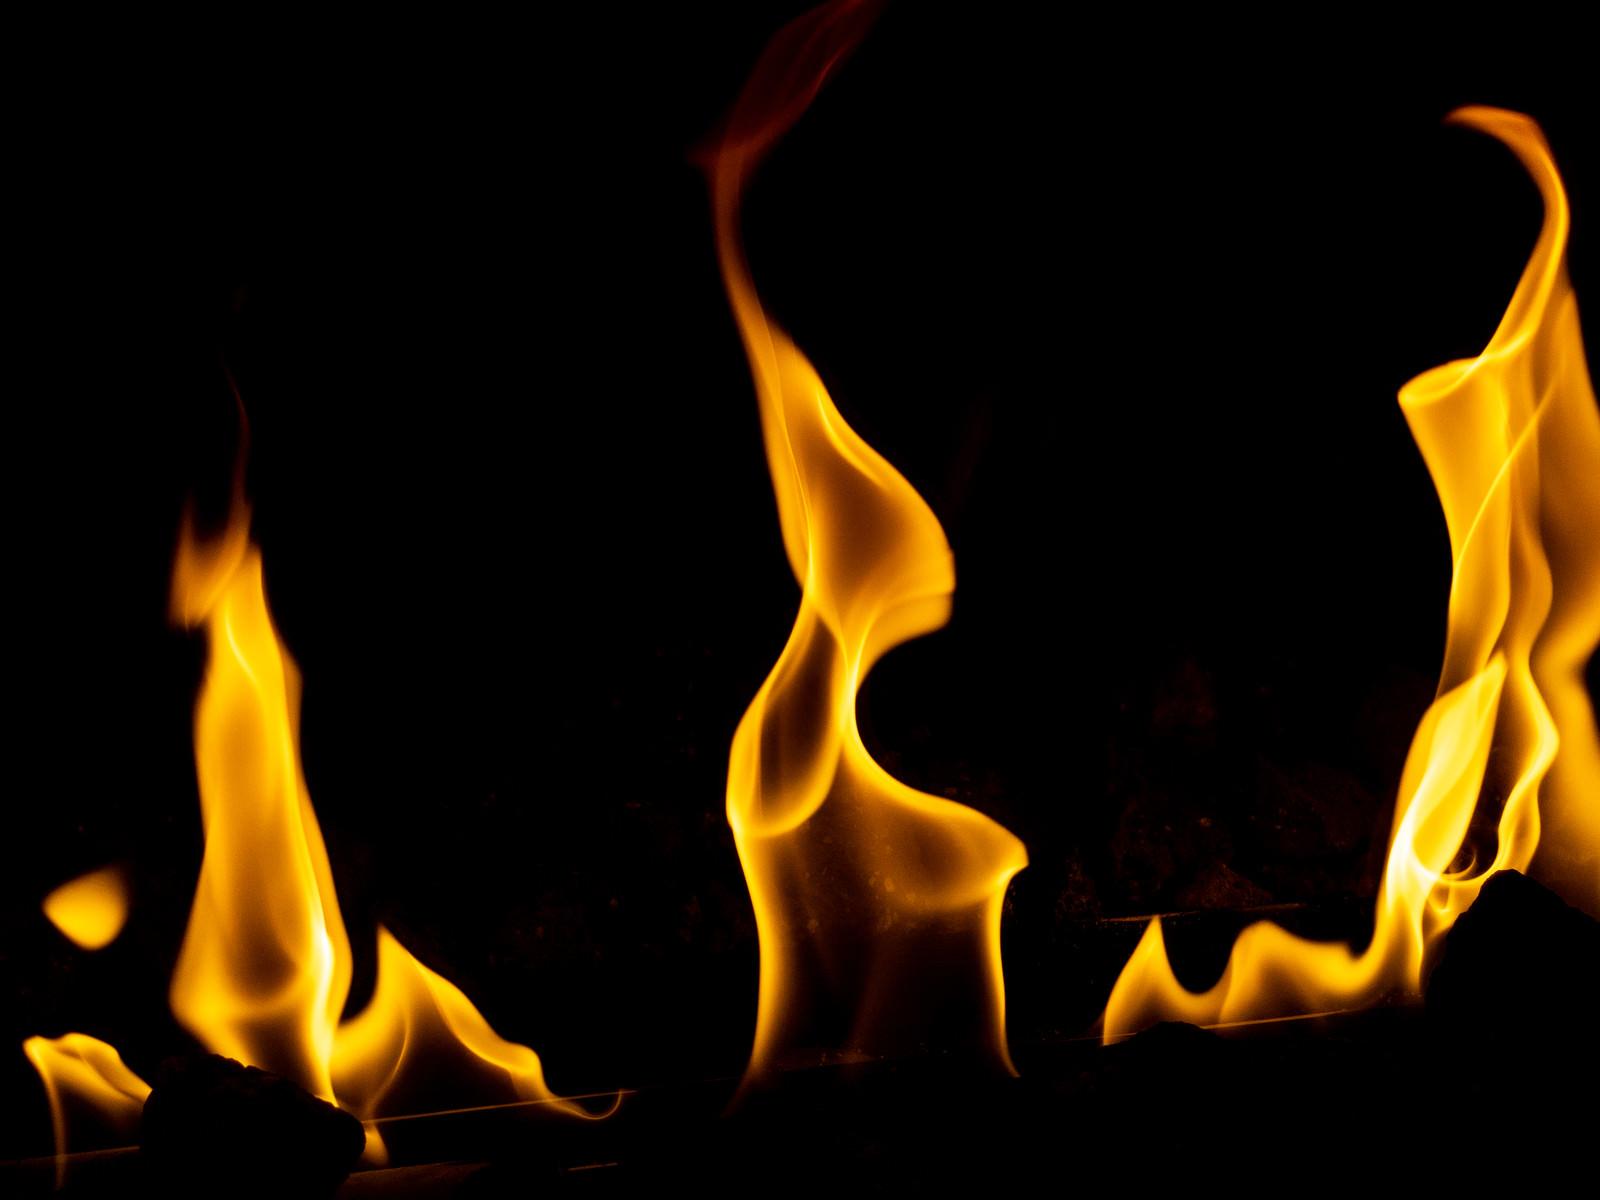 「弱火」の写真